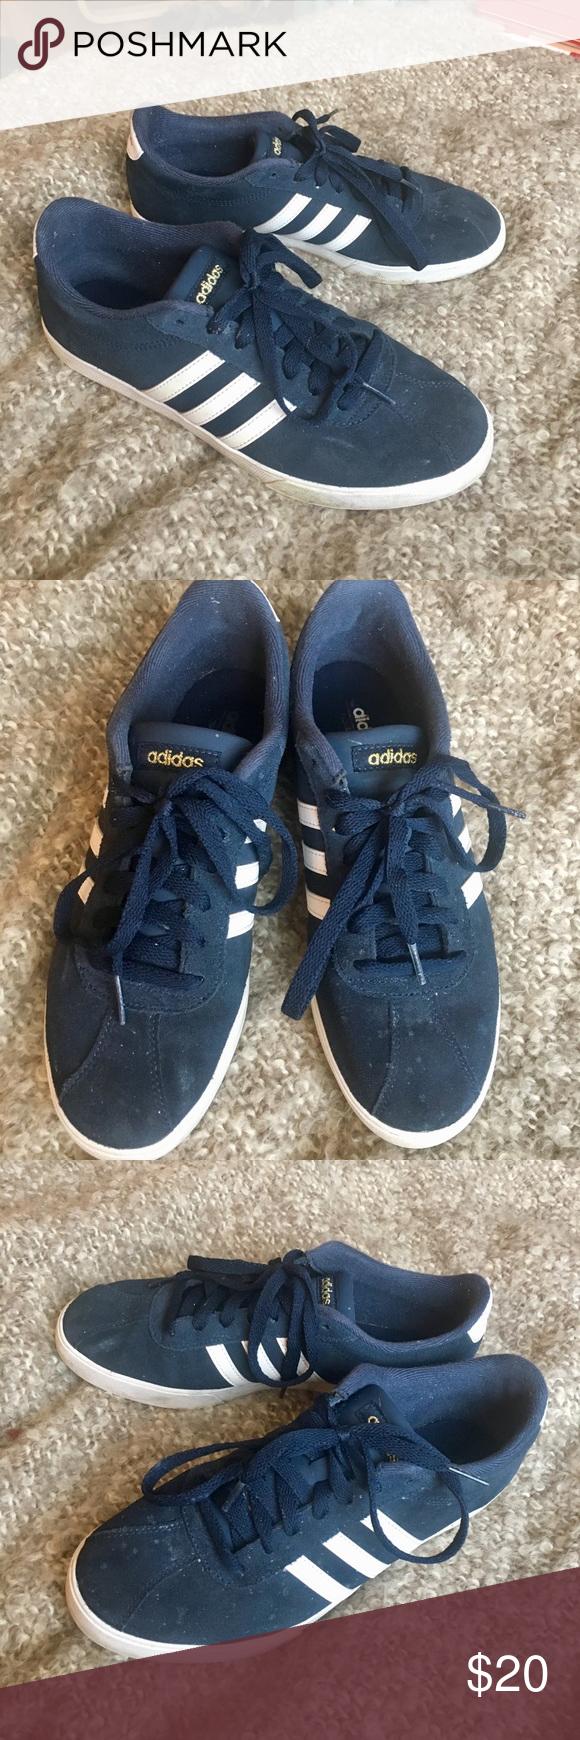 adidas Neo sneakers | Adidas neo